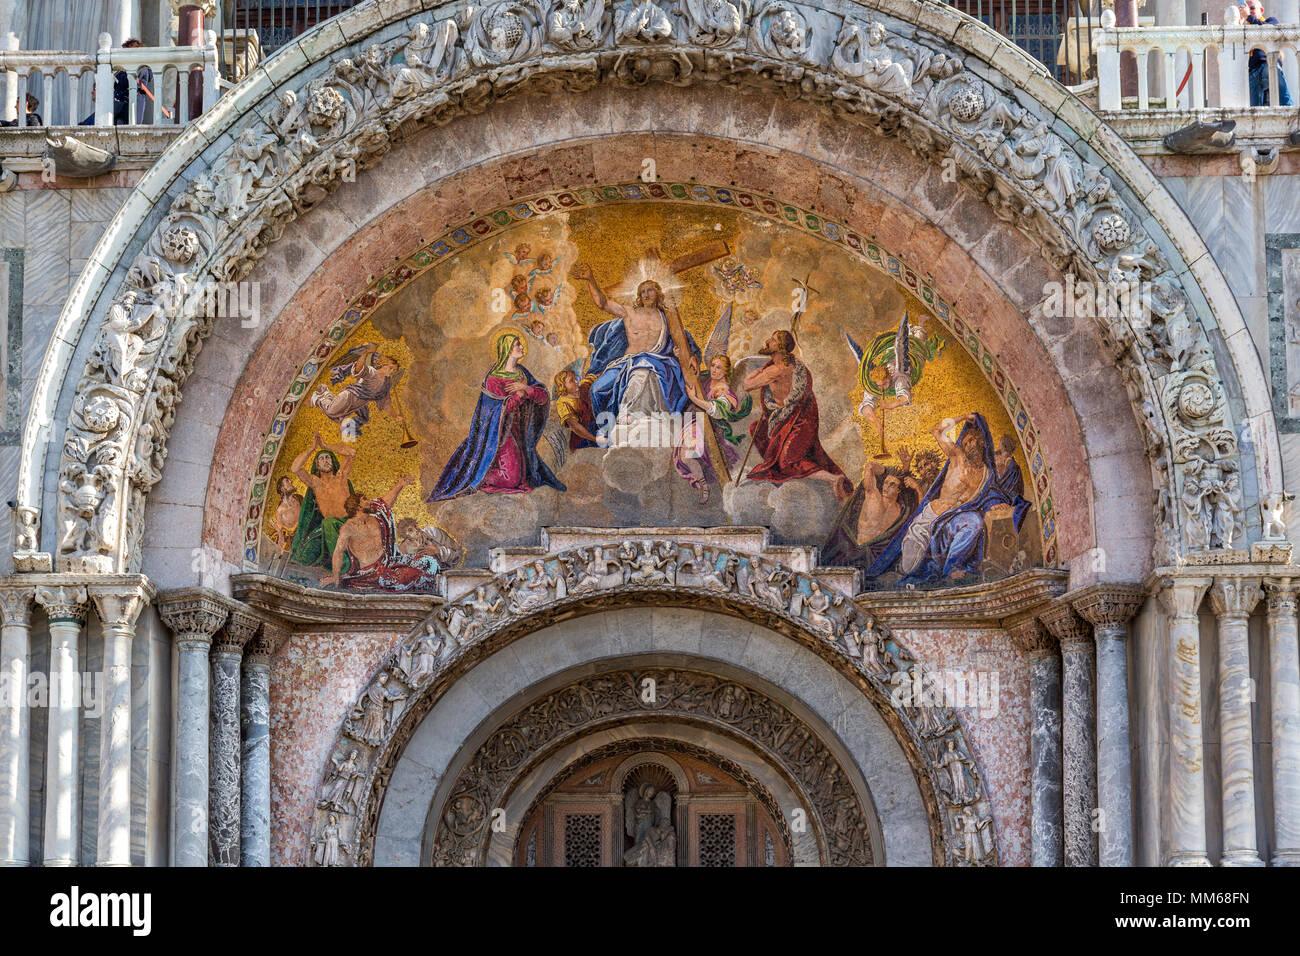 Cristo resucitado mosaico sobre la entrada a la basílica de San Marcos, la Plaza de San Marco, Venecia, Véneto, Italia Imagen De Stock